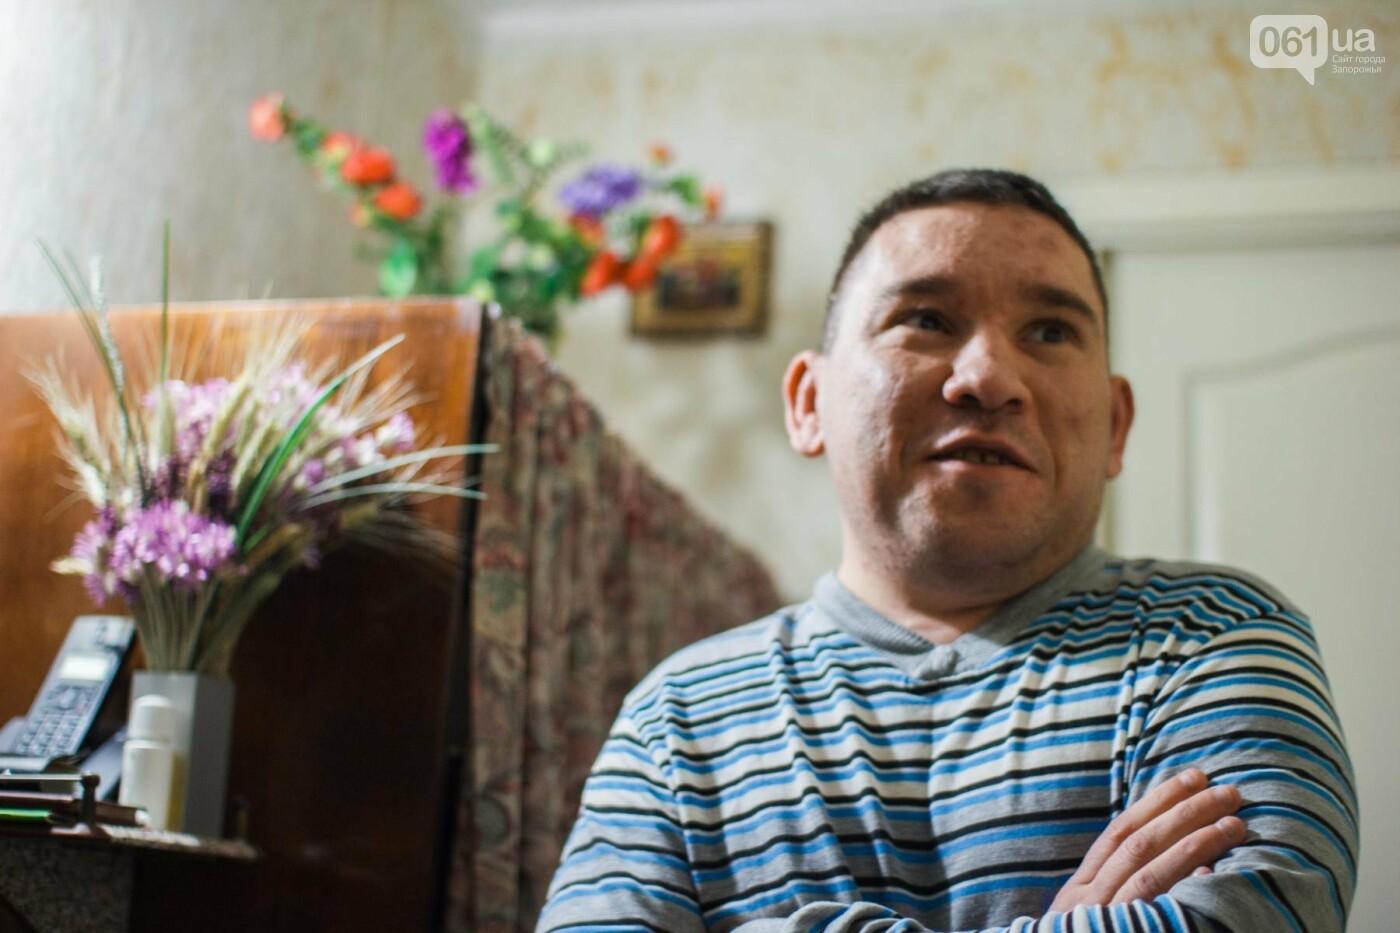 «Я не помню своего лица»: история запорожца, который очень хочет снова видеть, фото-7